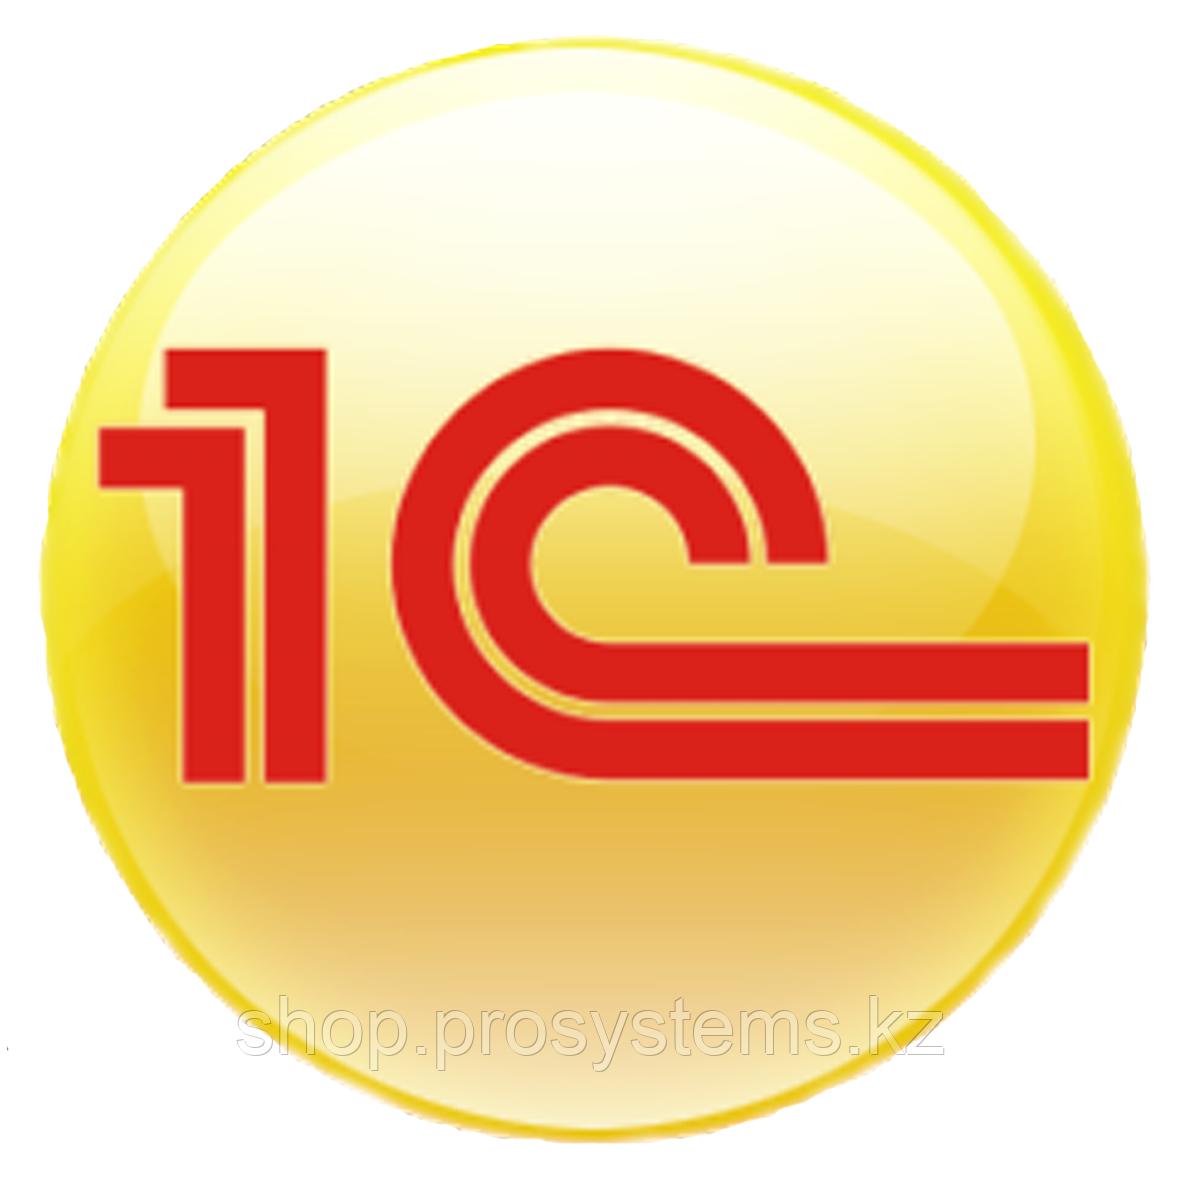 Сопровождение Модуля электронных Актов выполненных работ для конфигурации УТ 2.4, УТП 2.0, Бух 2.0